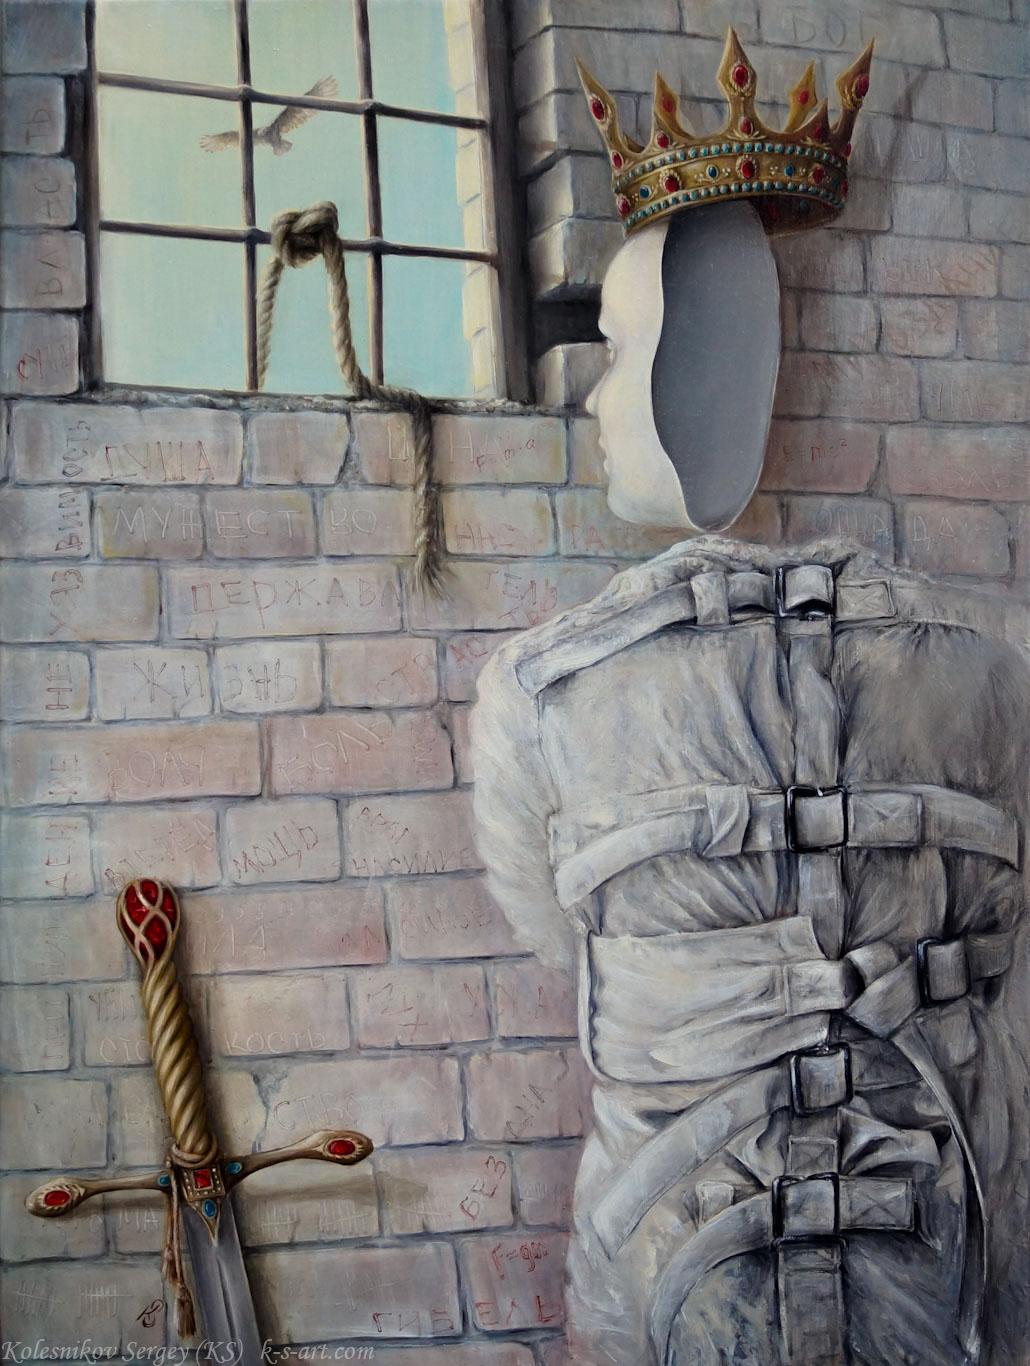 """Картина - """"Саркофаг"""", художник Сергей Колесников (KS), холст, масло, 80x60 см, 2019 год. Живопись в стиле - интегральный реализм."""